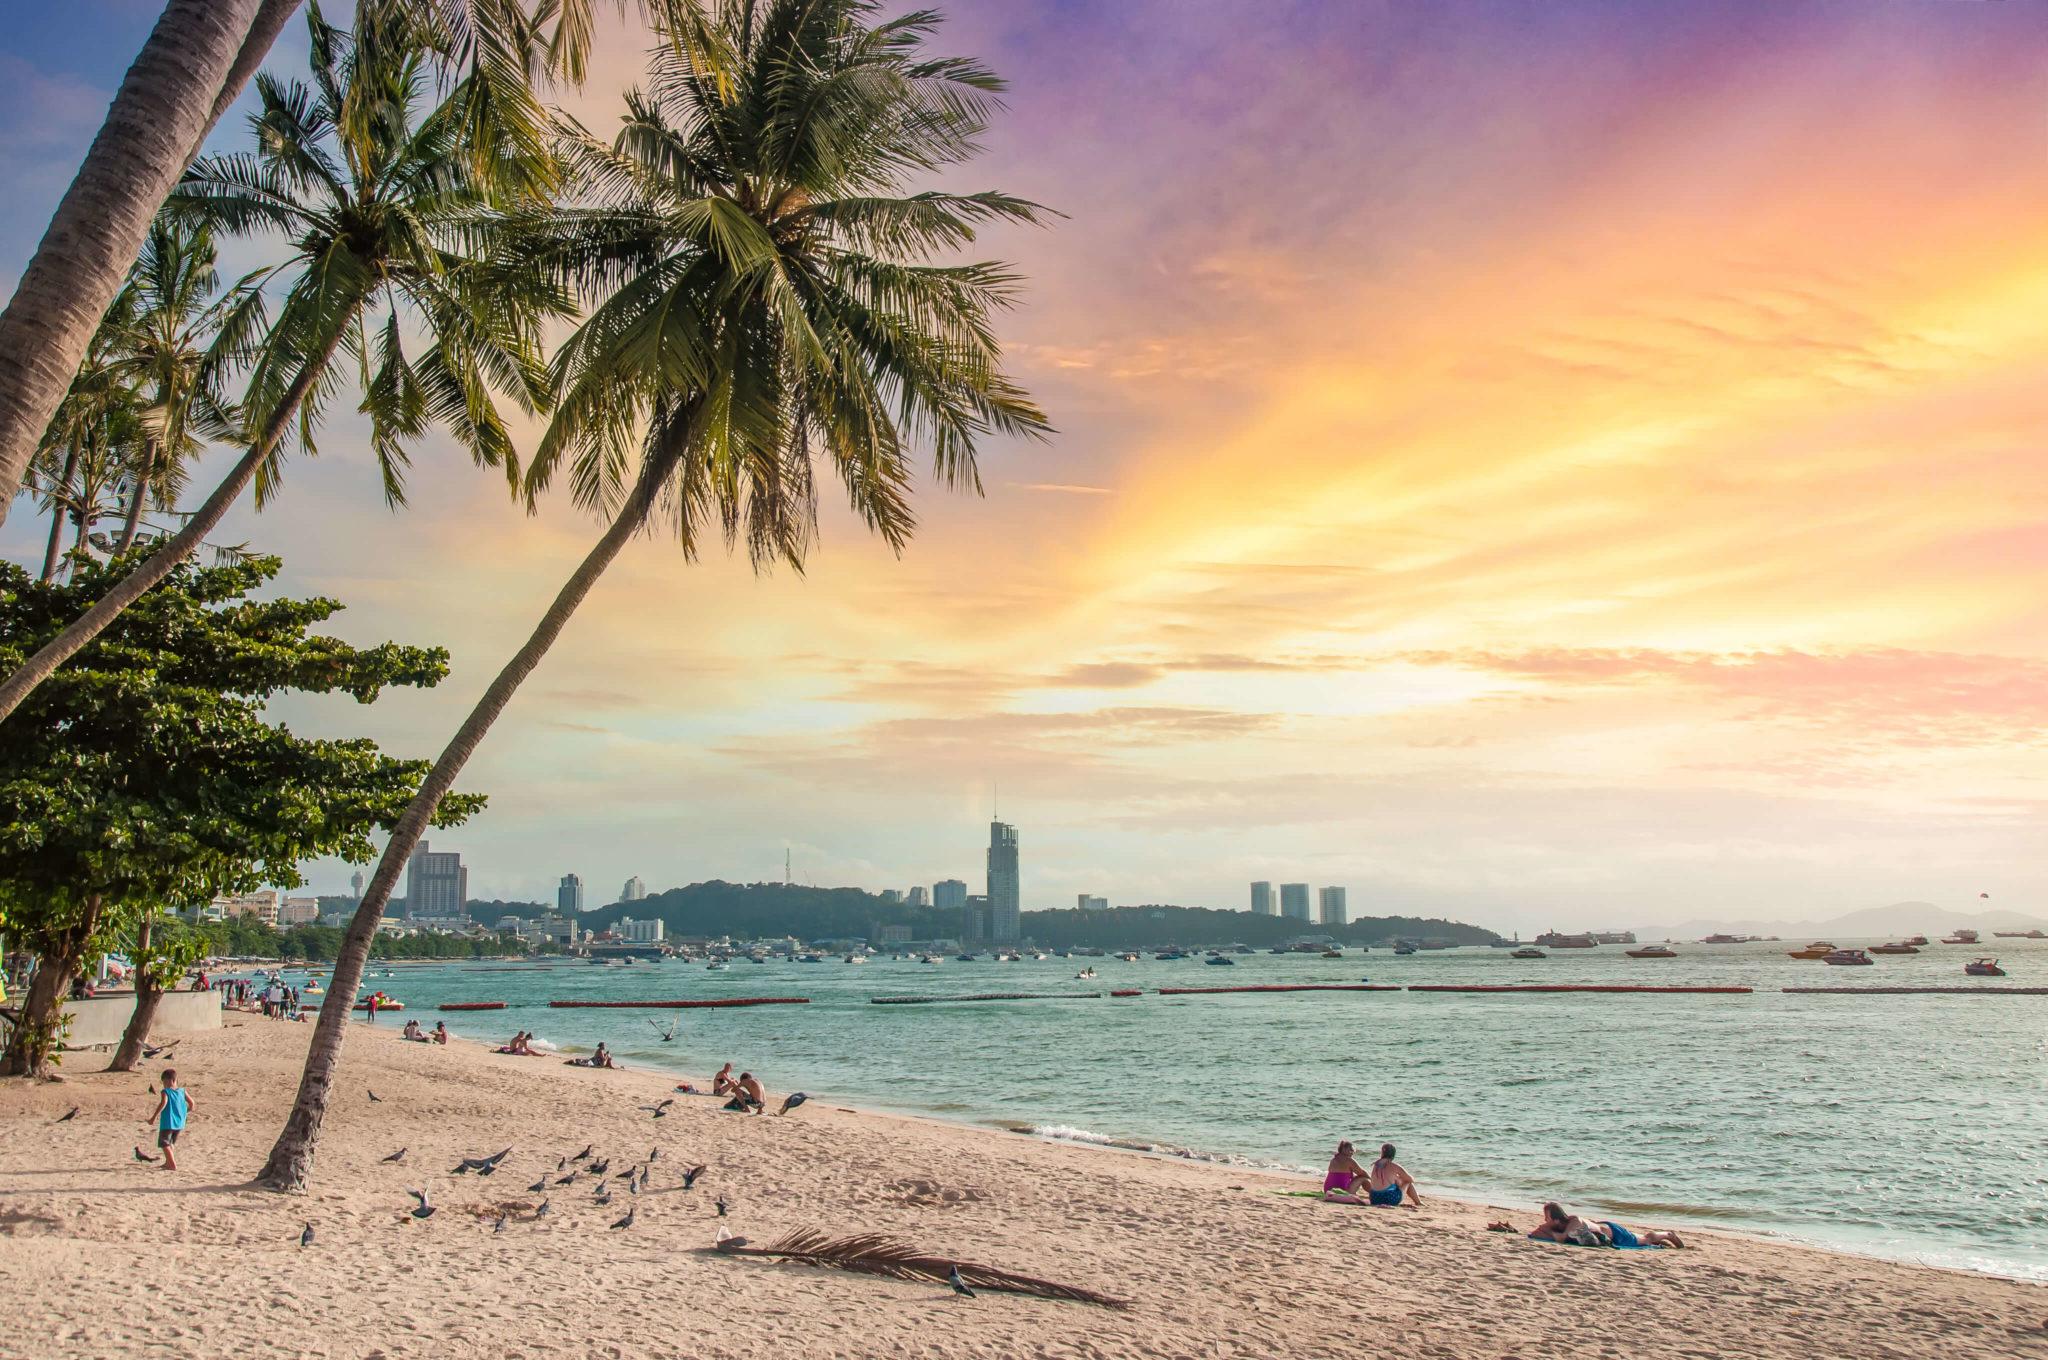 7 ชายหาดทะเลพัทยา ที่ยังสวยสะอาดน่าเที่ยวใกล้กรุงเทพ ไม่ต้องหนีร้อนไปไกล ก็พักได้ ชิลๆ 183 - Beach